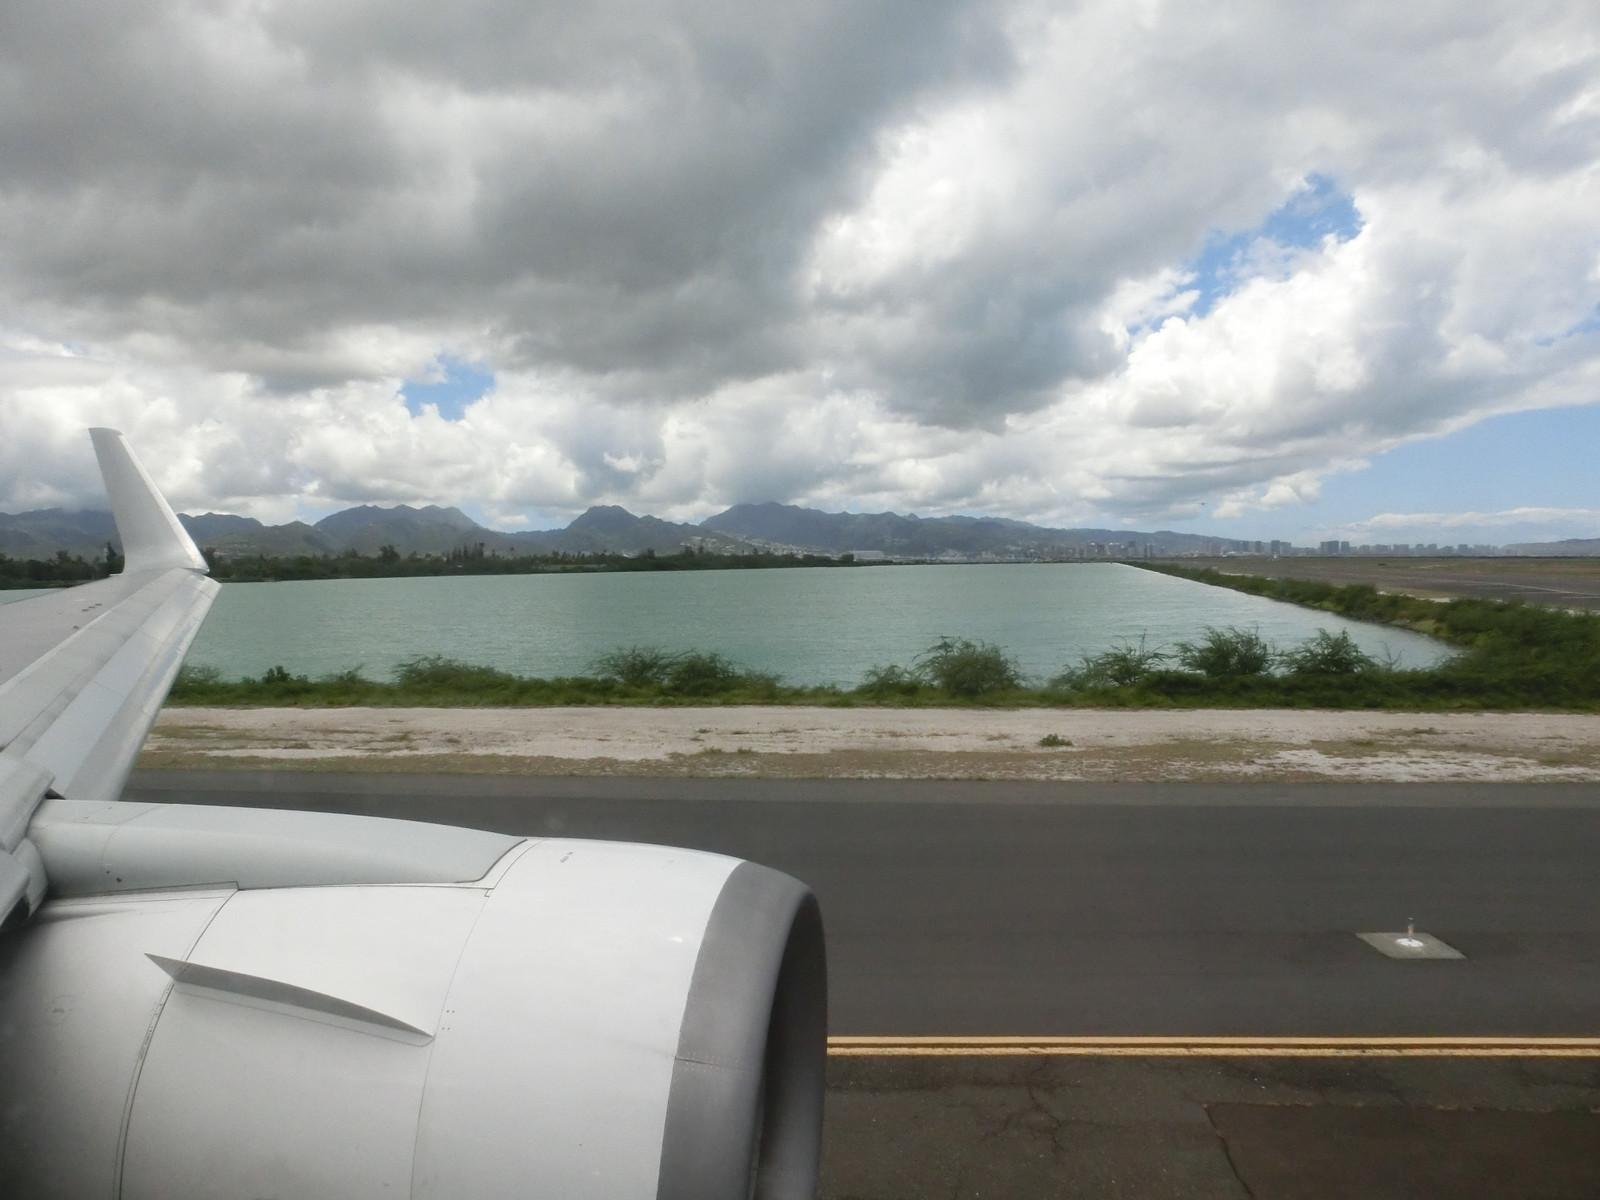 Jl785_hnl_takeoff_4